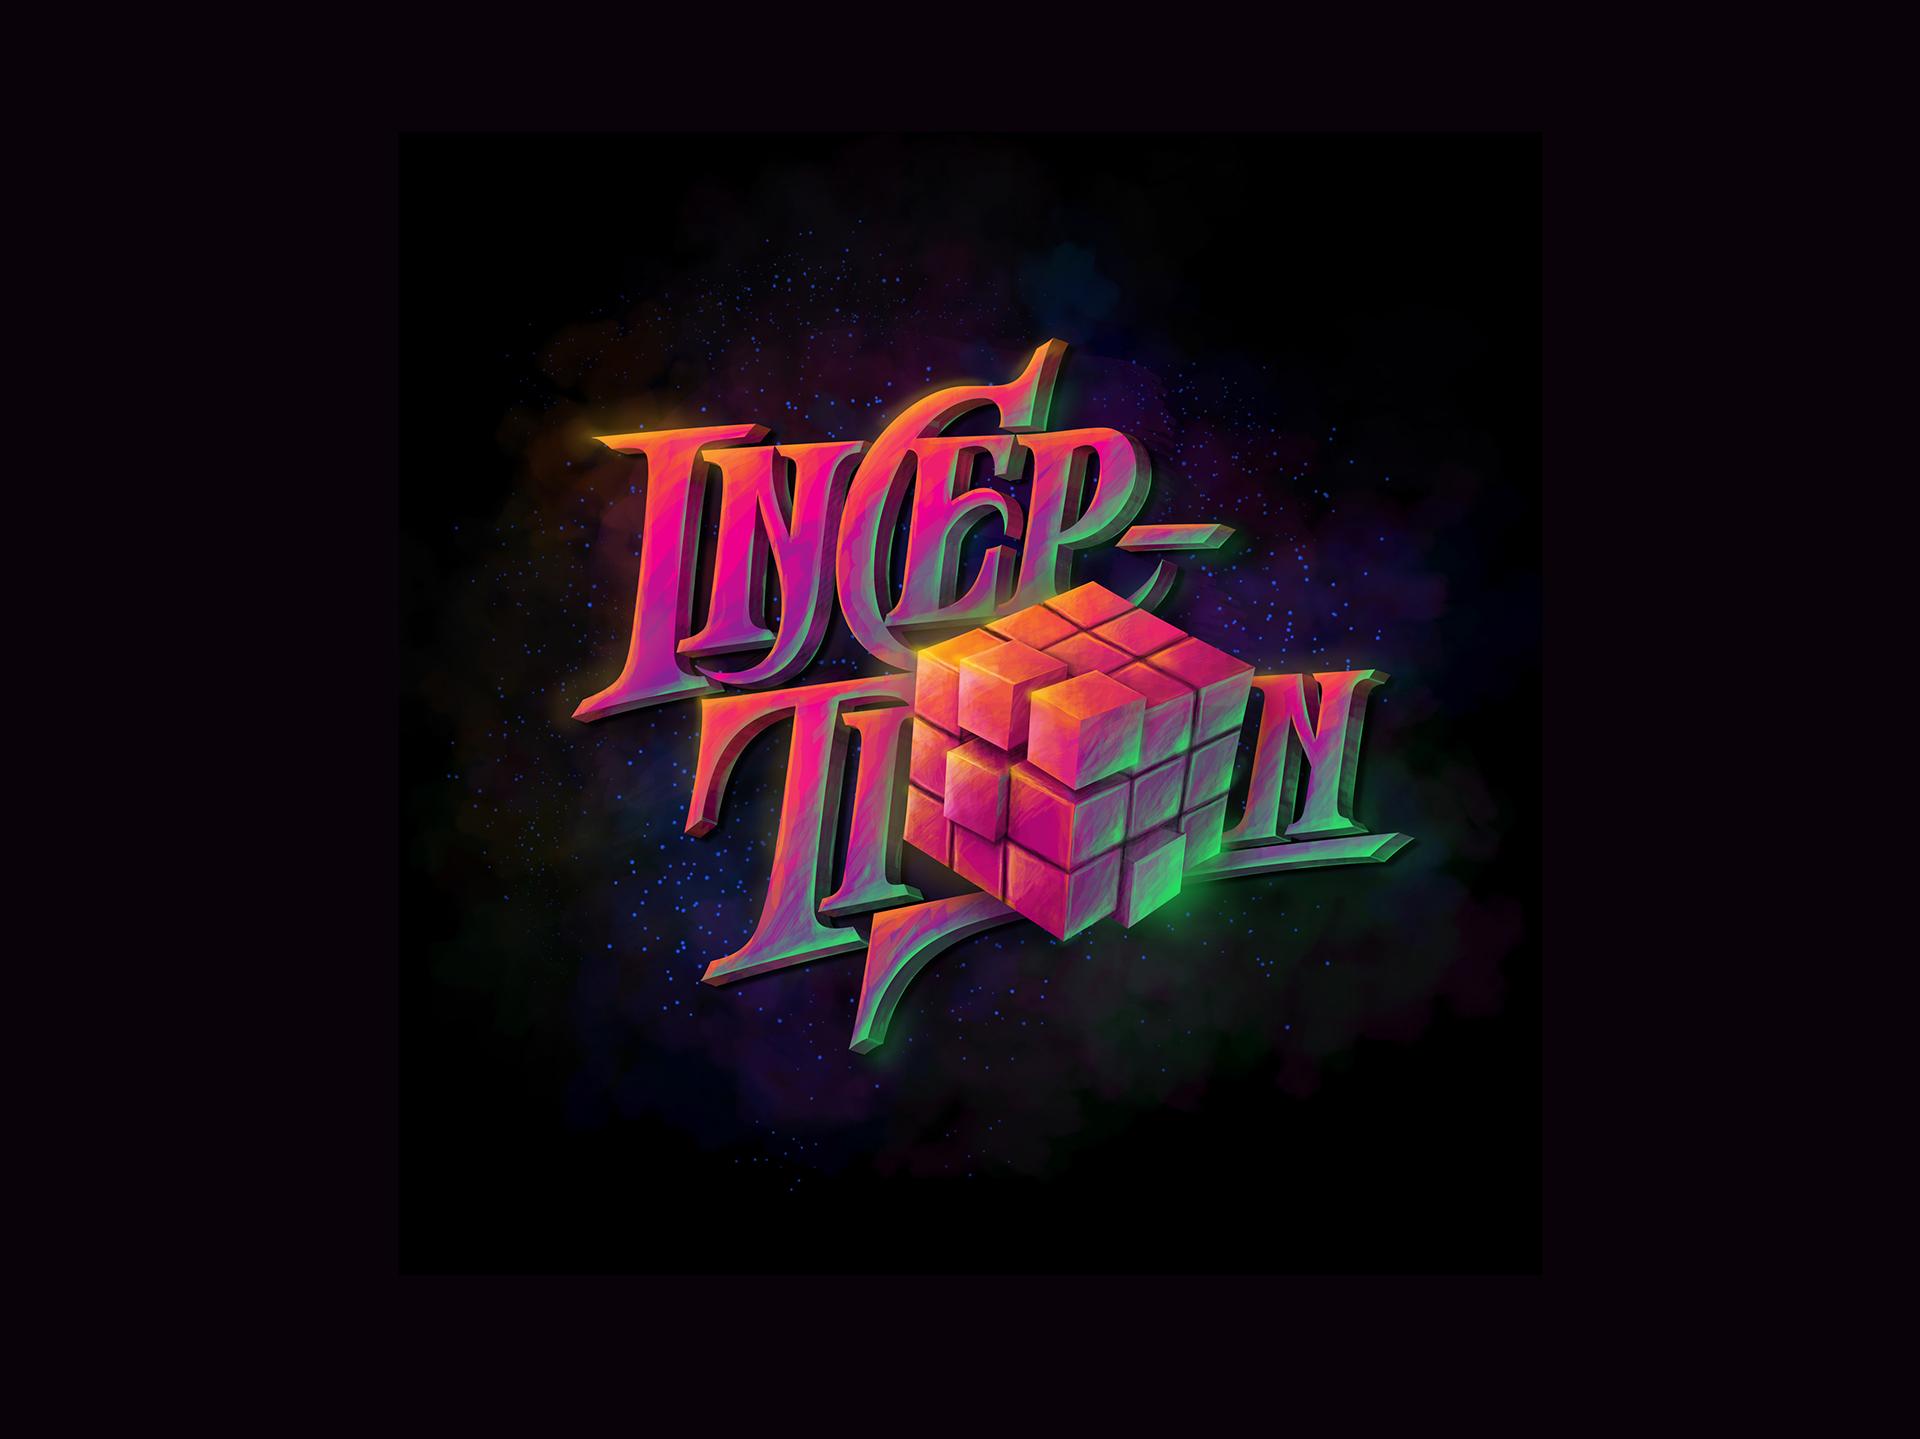 Typographie : Un travail dynamique remplit de lumière 11